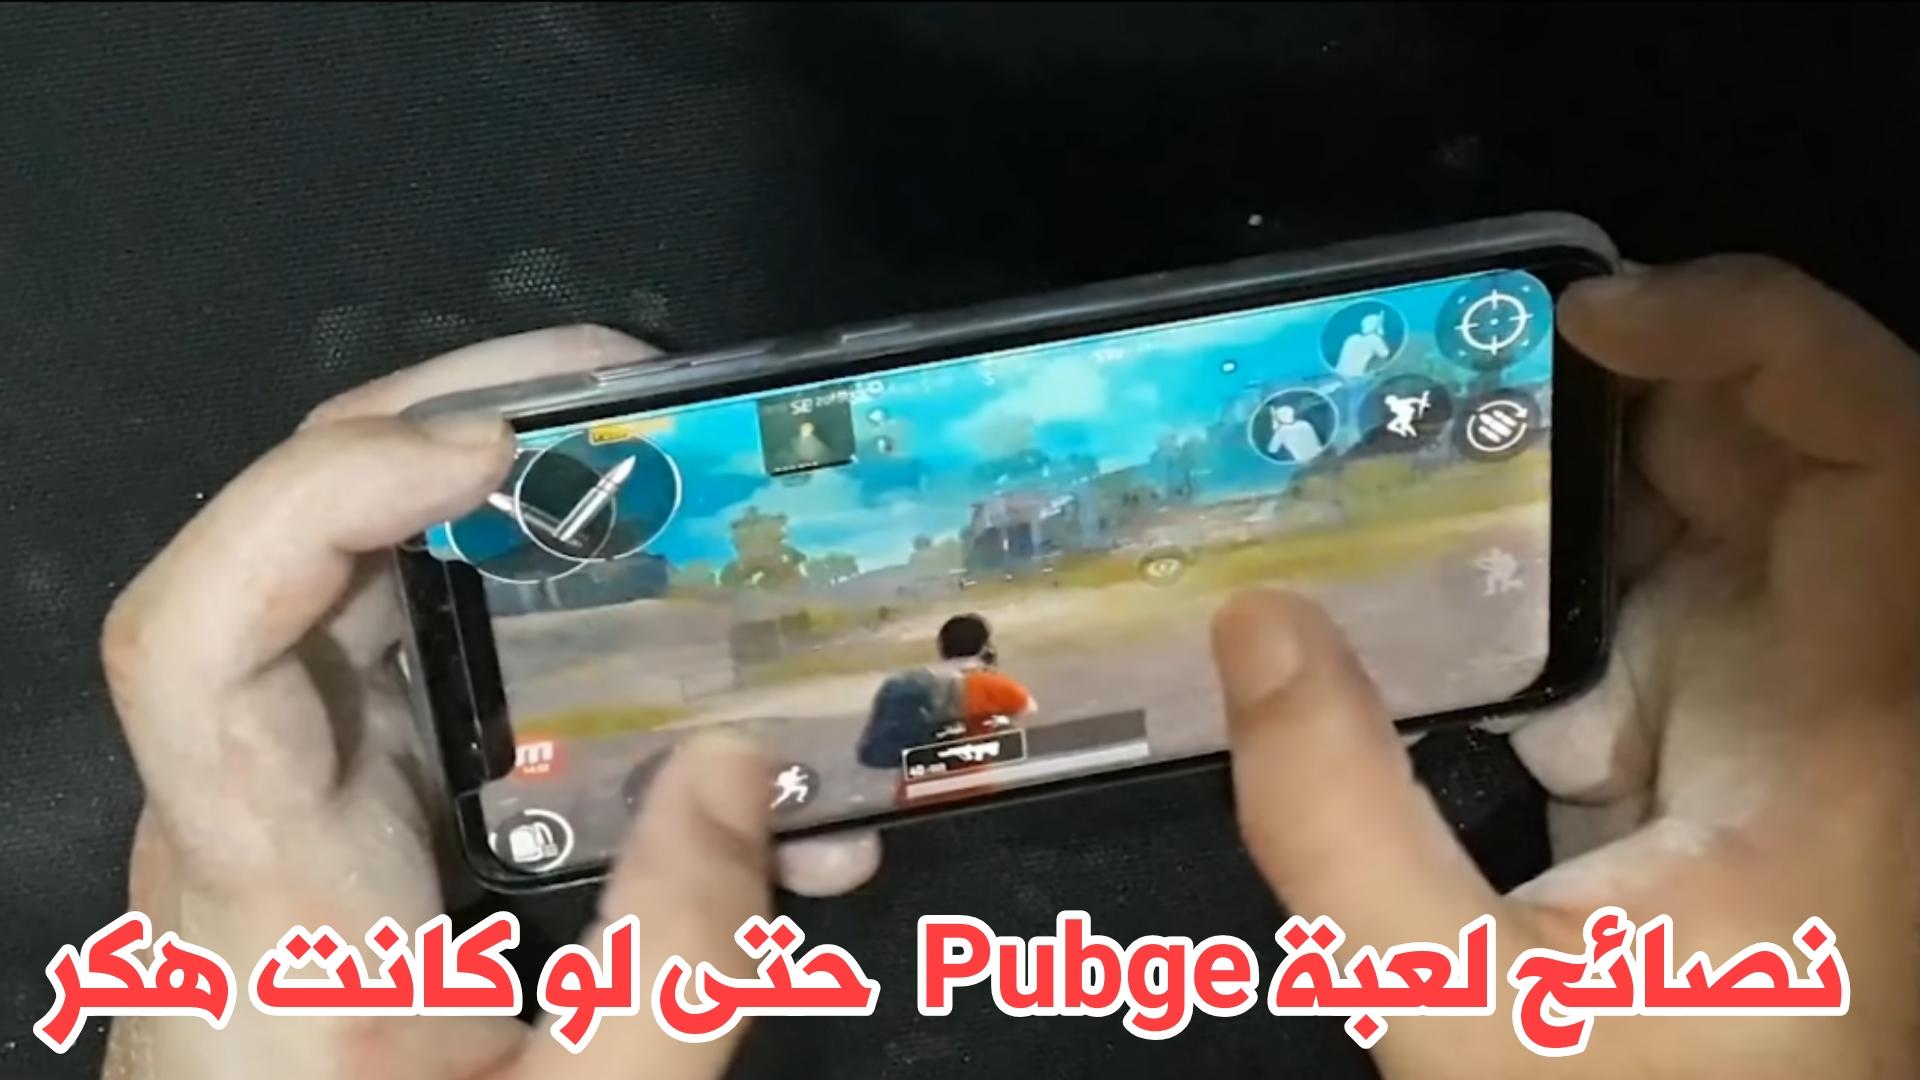 نصائح وخطط للفوز في لعبة Pubge Mobile حتى لو كنت هكر